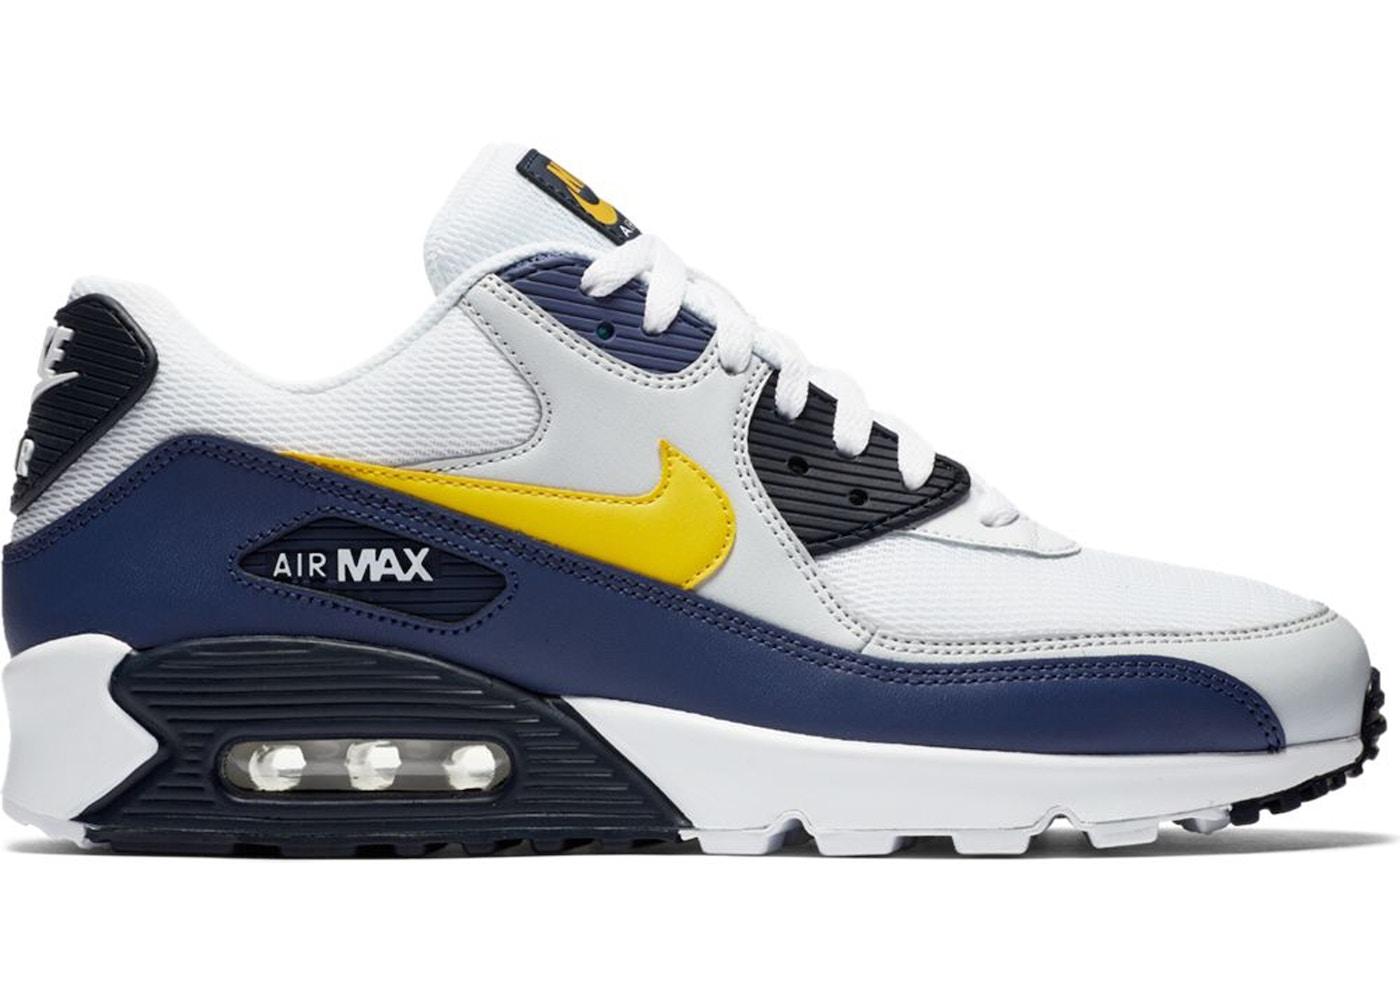 Nike Air Max 90 Michigan